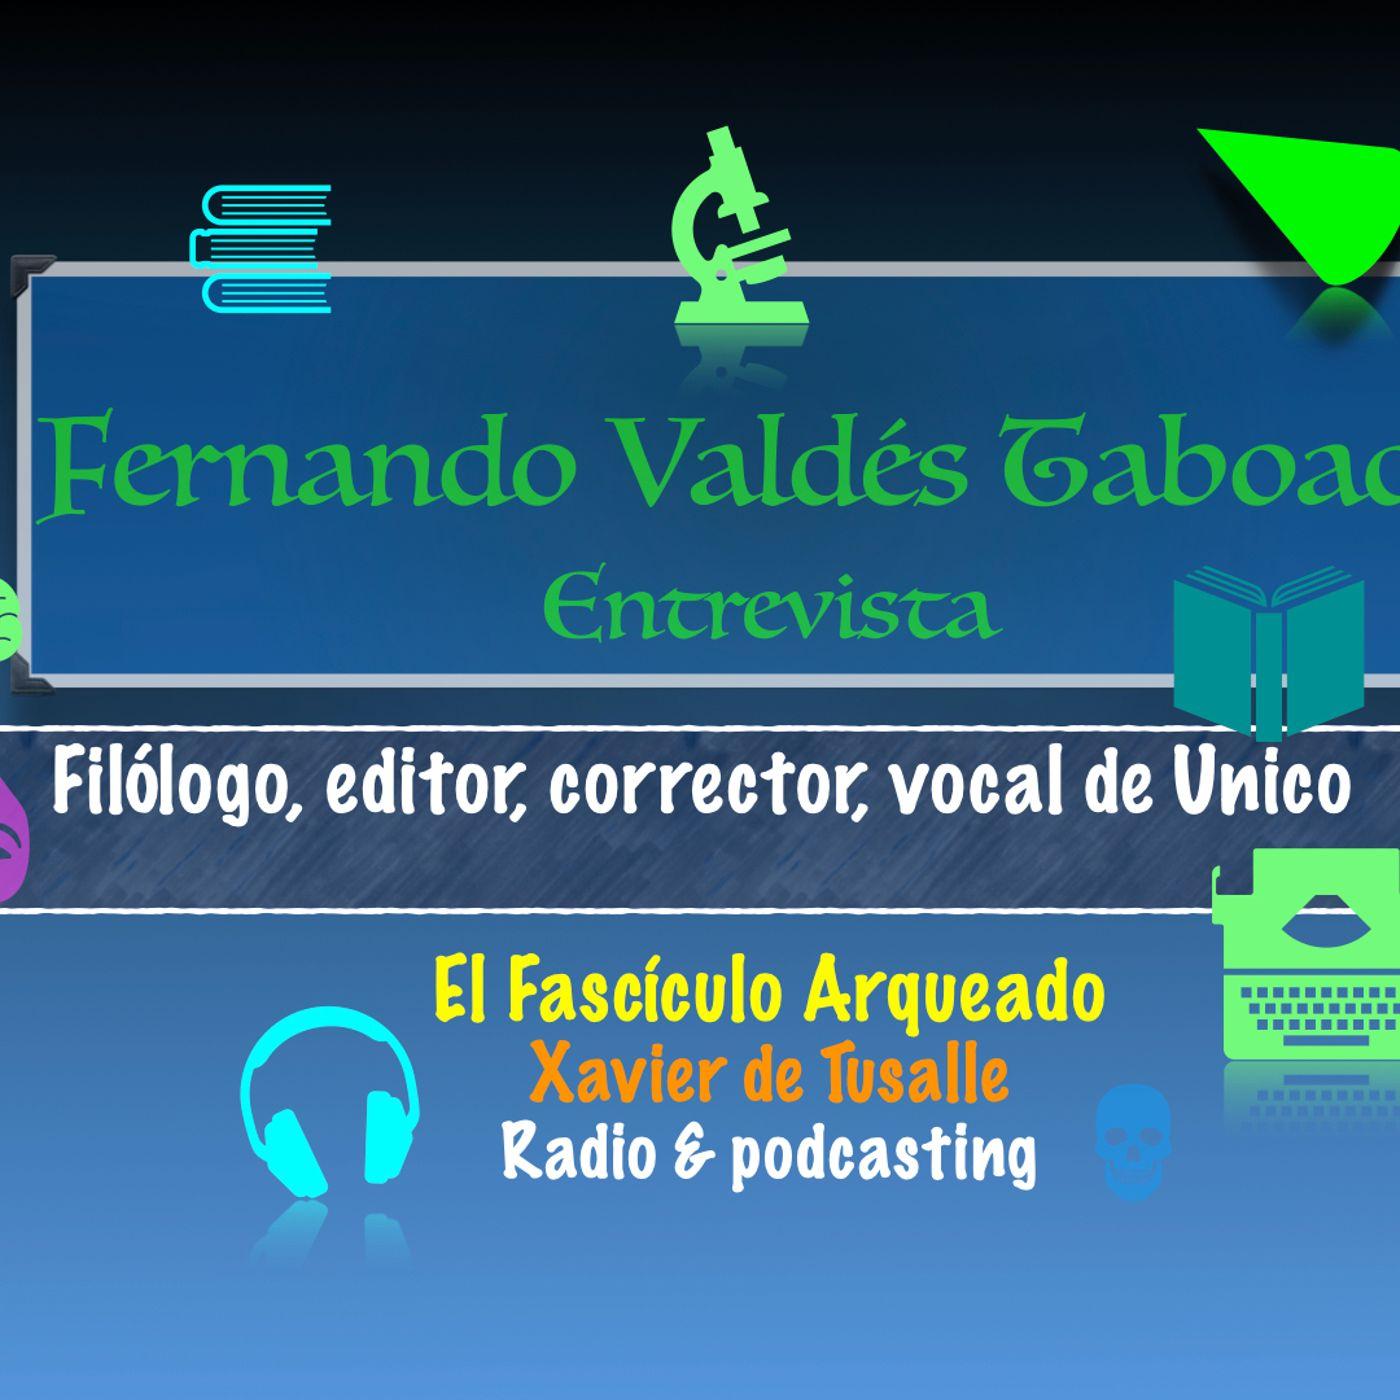 Charlando con Fernando Valdés Taboada, editor, filólogo, corrector y vocal de Unico